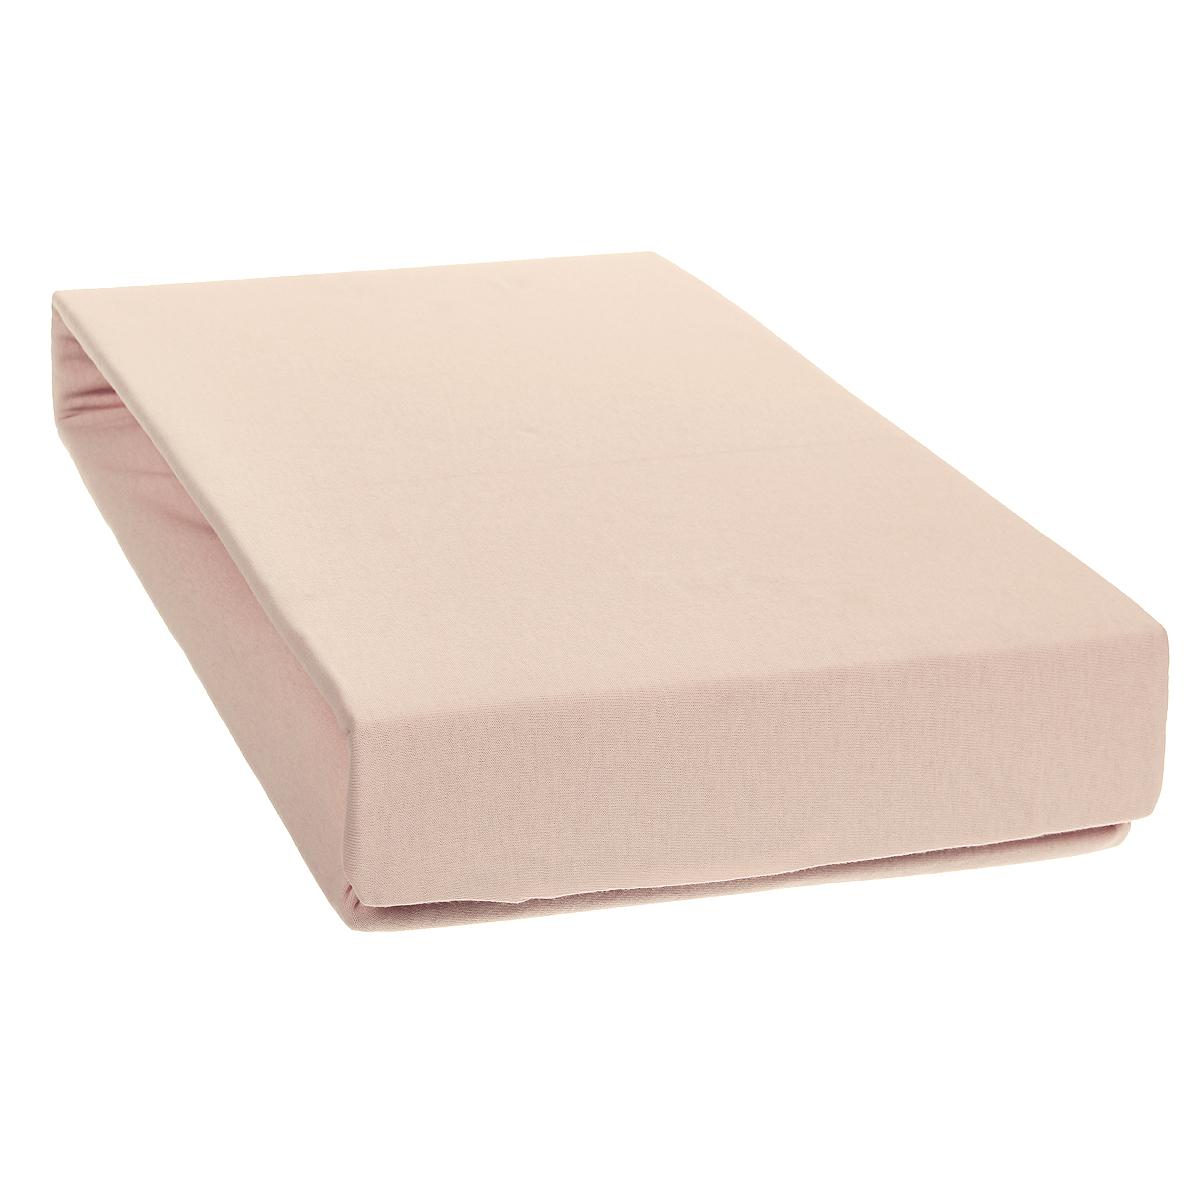 Простыня на резинке Tete-a-Tete, цвет: лотос, 200 см х 200 смТ-ПР-3011Однотонная простыня на резинке Tete-a-Tete выполнена из натурального хлопка. Высочайшее качество материала гарантирует безопасность не только взрослых, но и самых маленьких членов семьи. Простыня гармонично впишется в интерьер вашего дома и создаст атмосферу уюта и комфорта.Особенности коллекции Tete-a-Tete:- выдерживает более 100 стирок практически без изменения внешнего вида,- модные цвета и стойкие оттенки,- минимальная усадка,- надежные резинки и износостойкая ткань,- безупречное качество,- гиппоаллергенно.Коллекция Tete-a-Tete специально создана для практичных людей, которые ценят качество и долговечность вещей, окружают своих близких теплотой и заботой.